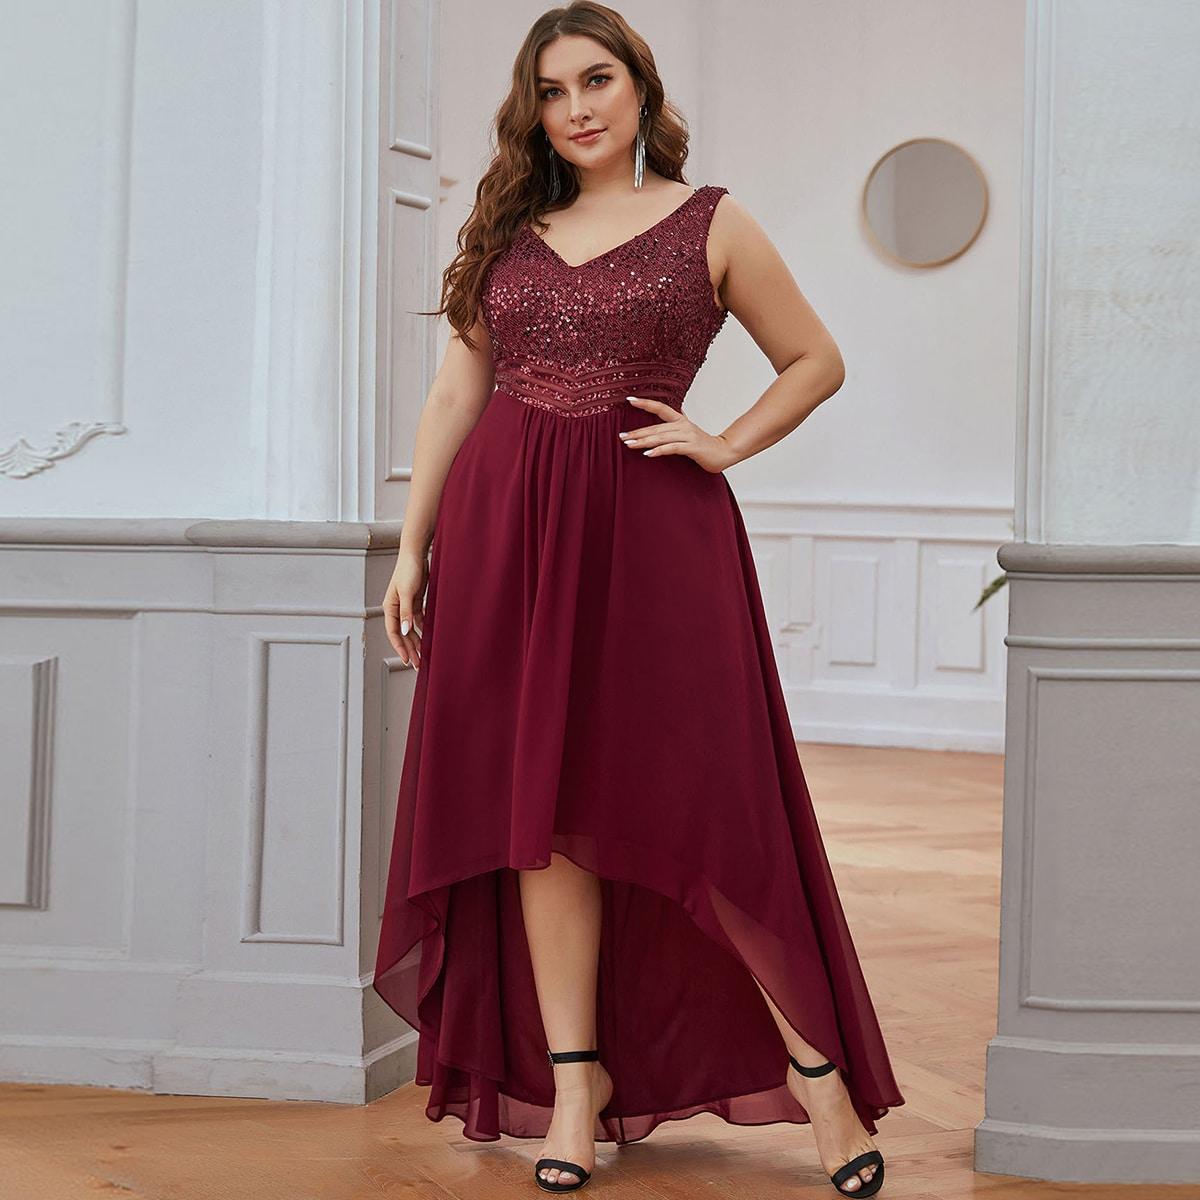 Асимметричное платье выпускного вечера размера плюс с v-образным воротником от SHEIN